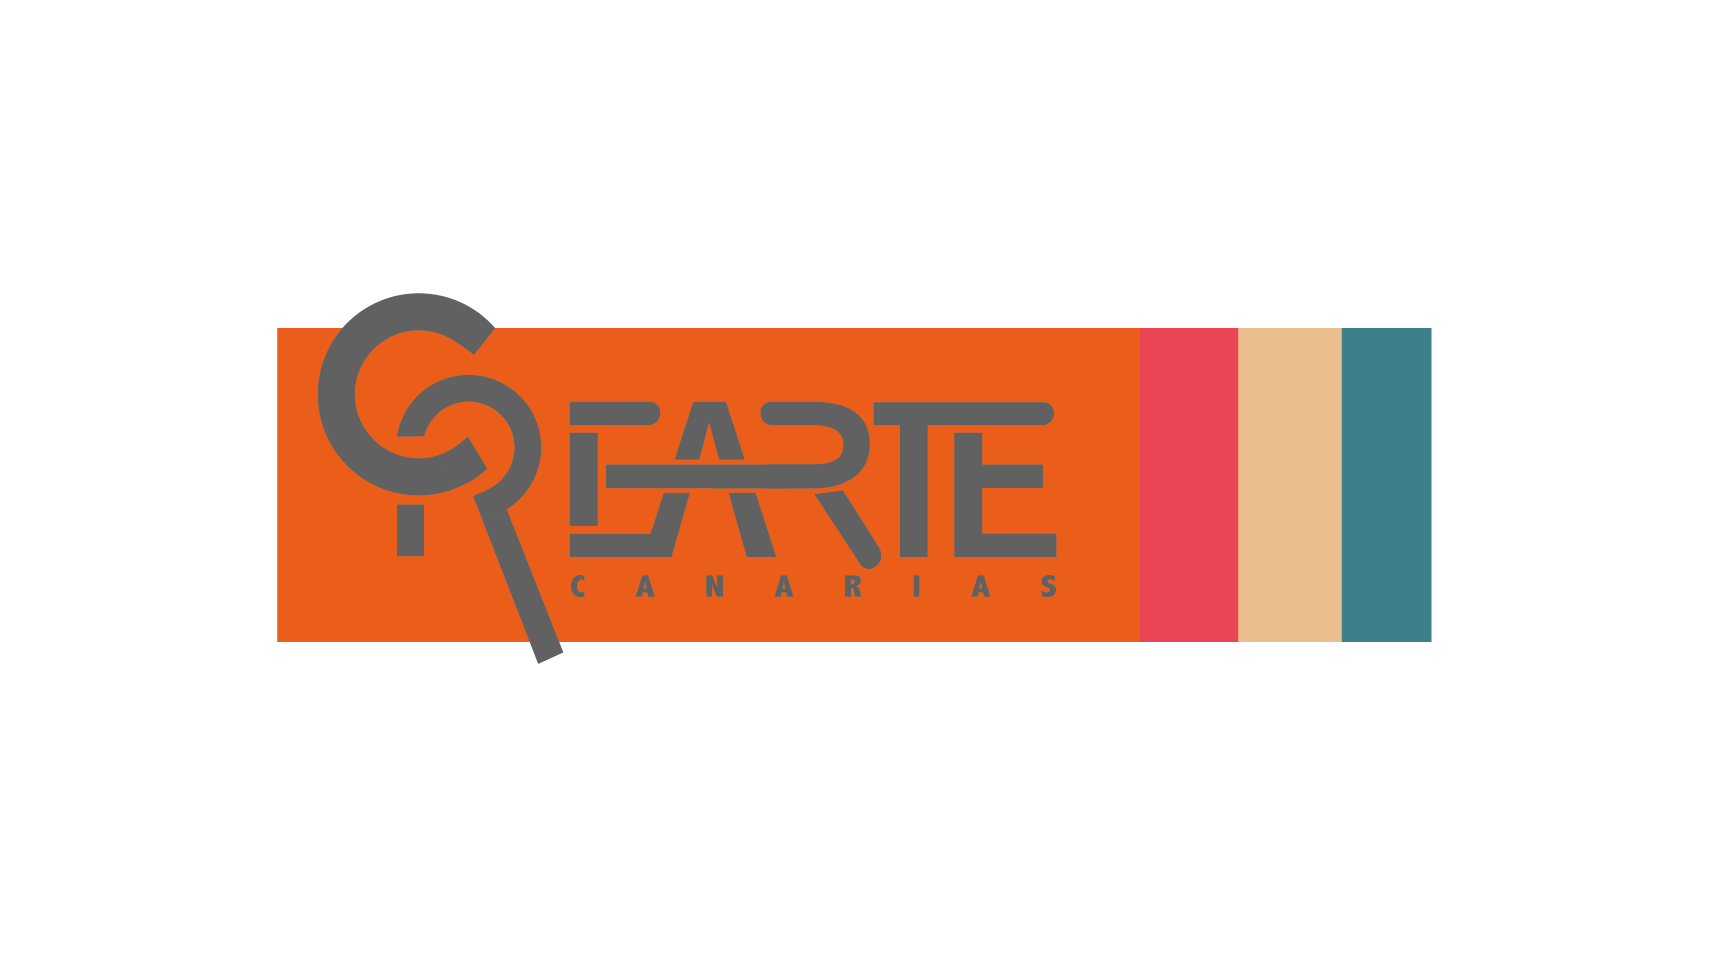 logotipo Crearte Canarias